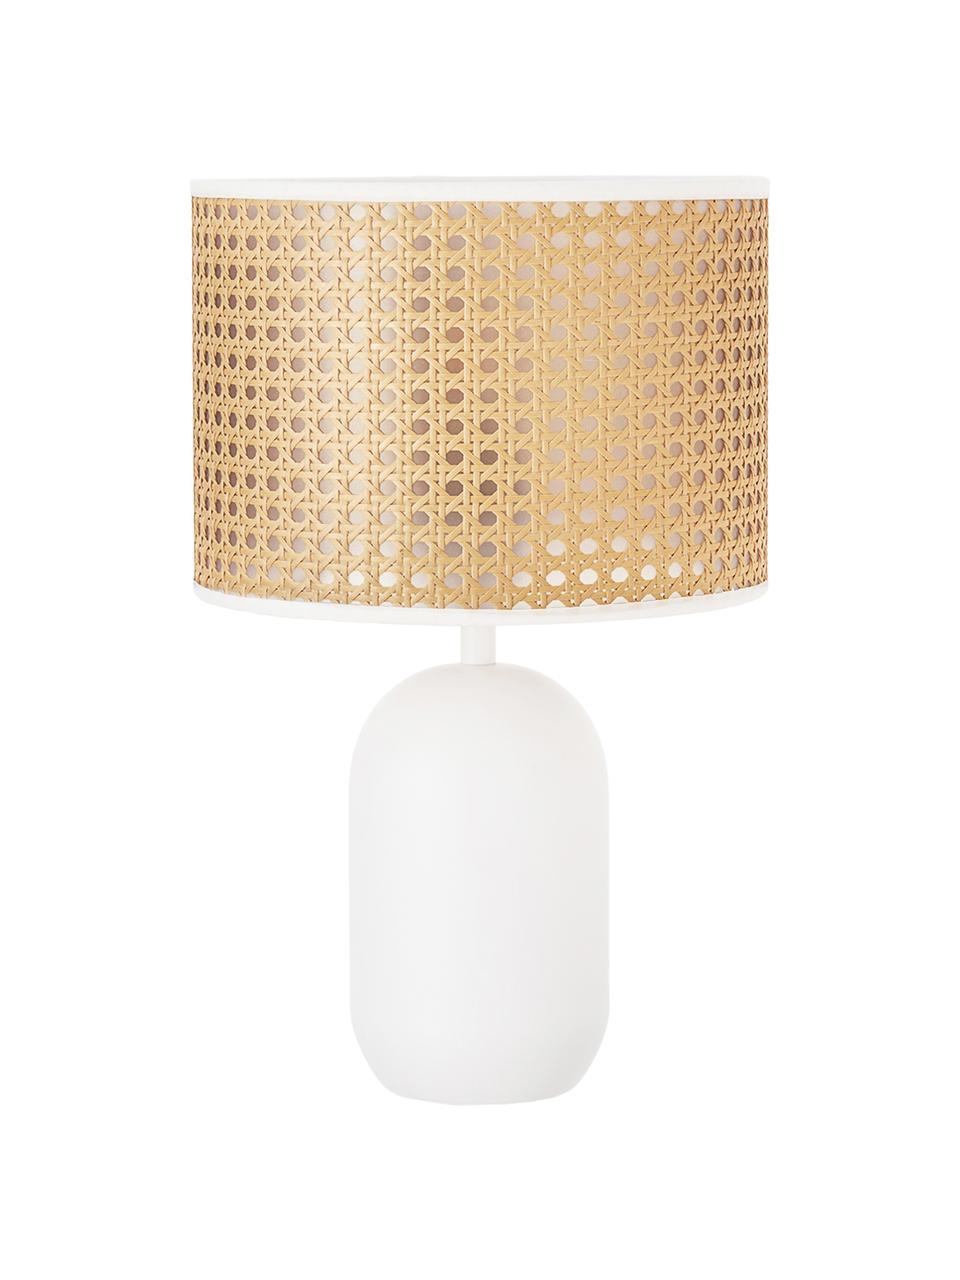 Tischlampe Vienna aus Wiener Geflecht, Lampenschirm: Kunststoff, Lampenfuß: Metall, pulverbeschichtet, Weiß, Hellbraun, ∅ 25 x H 40 cm